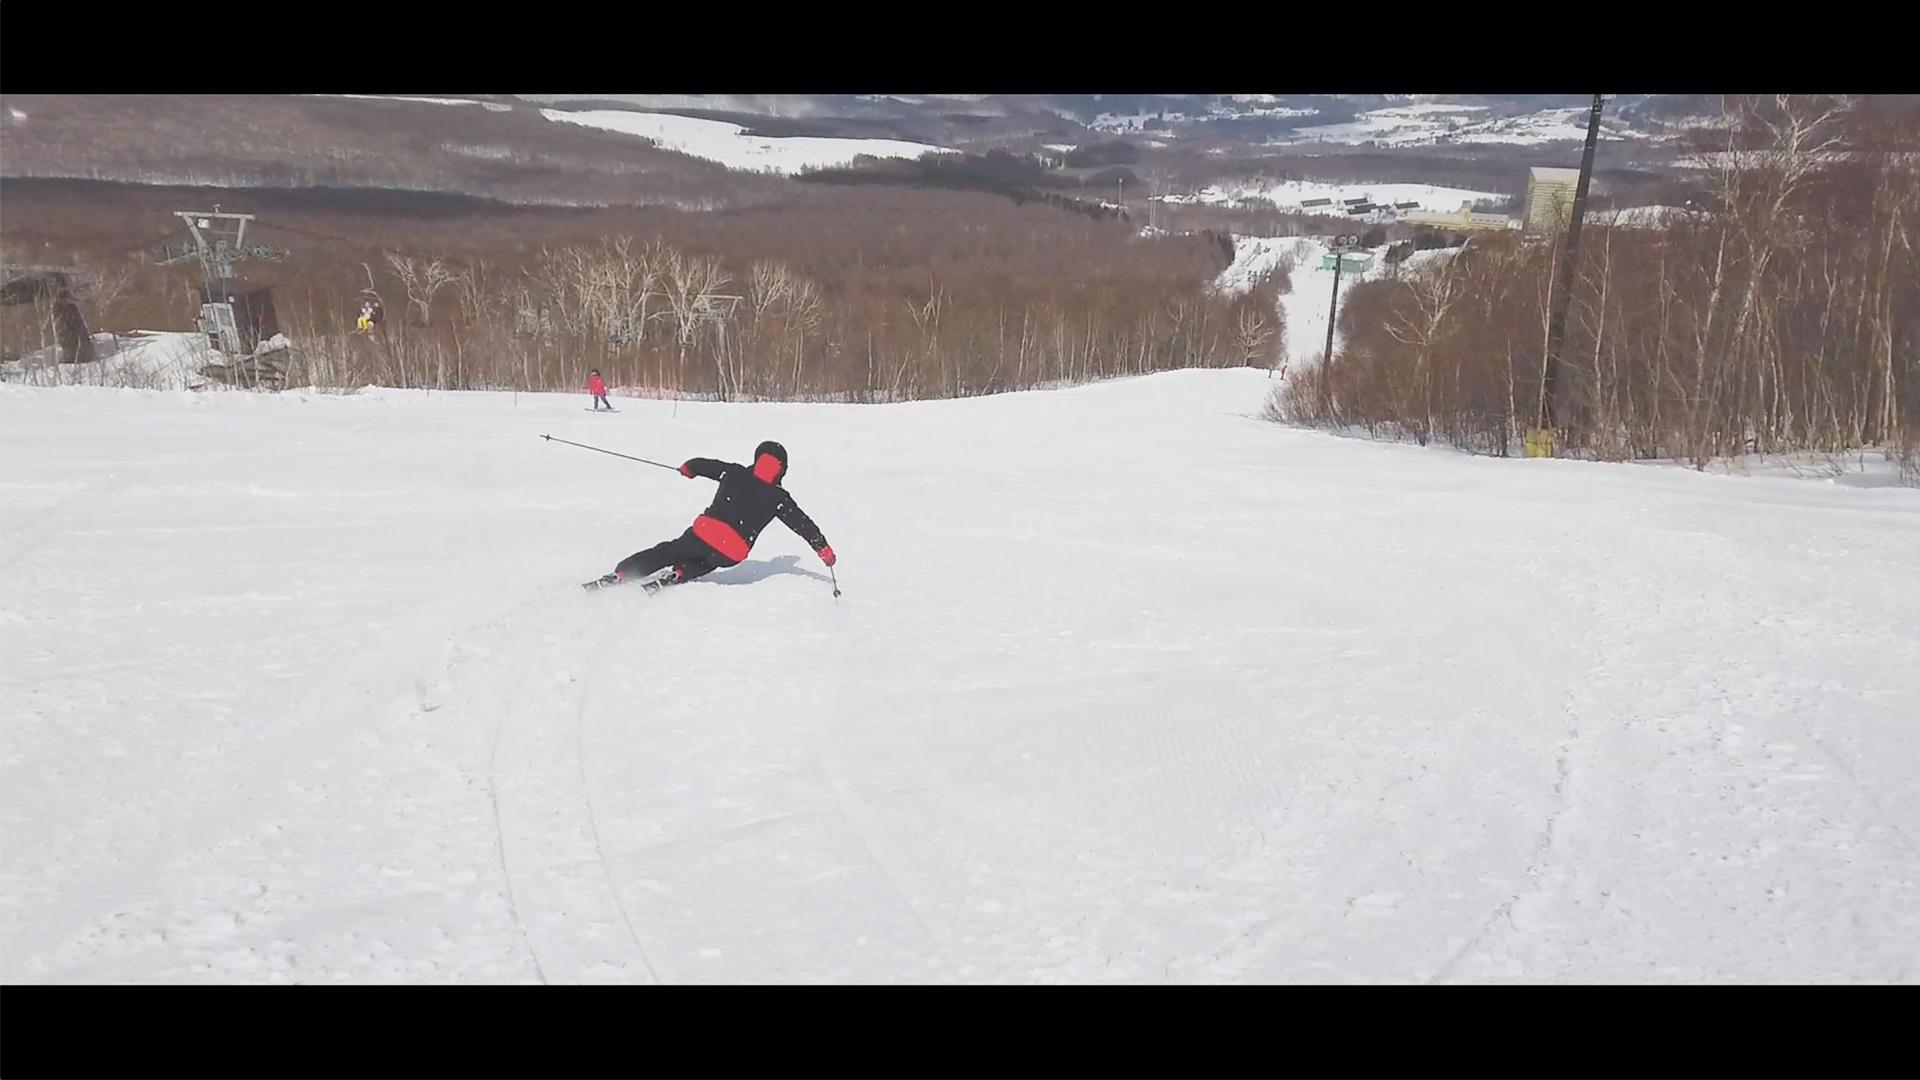 【スキー】中斜面を上下動多めのカービング大回りで滑ってみる TakehiroSaito